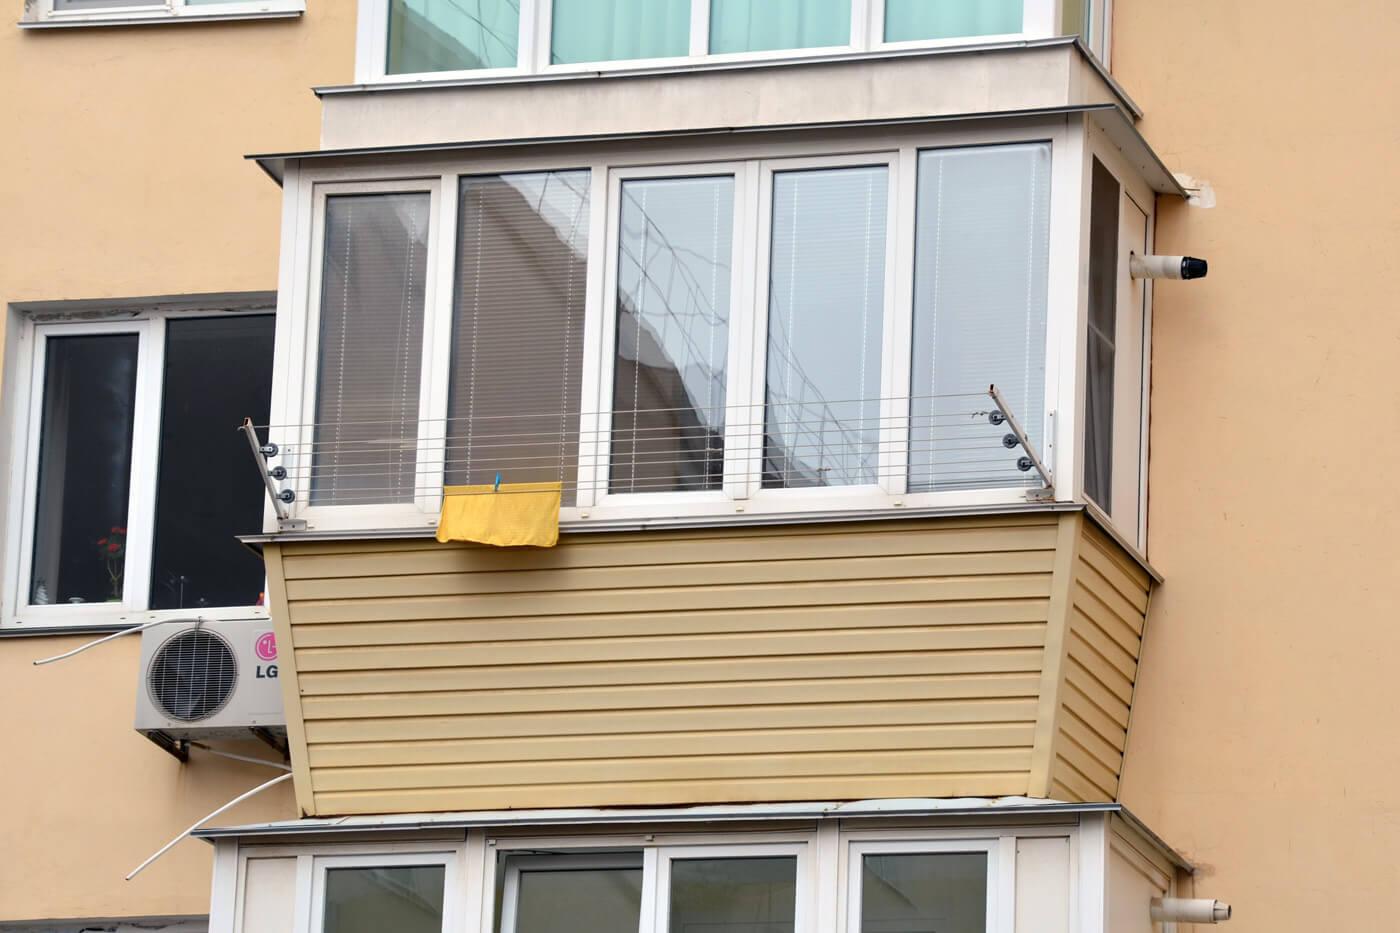 Балконы под ключ в севастополе: остекление, отделка, ремонт .